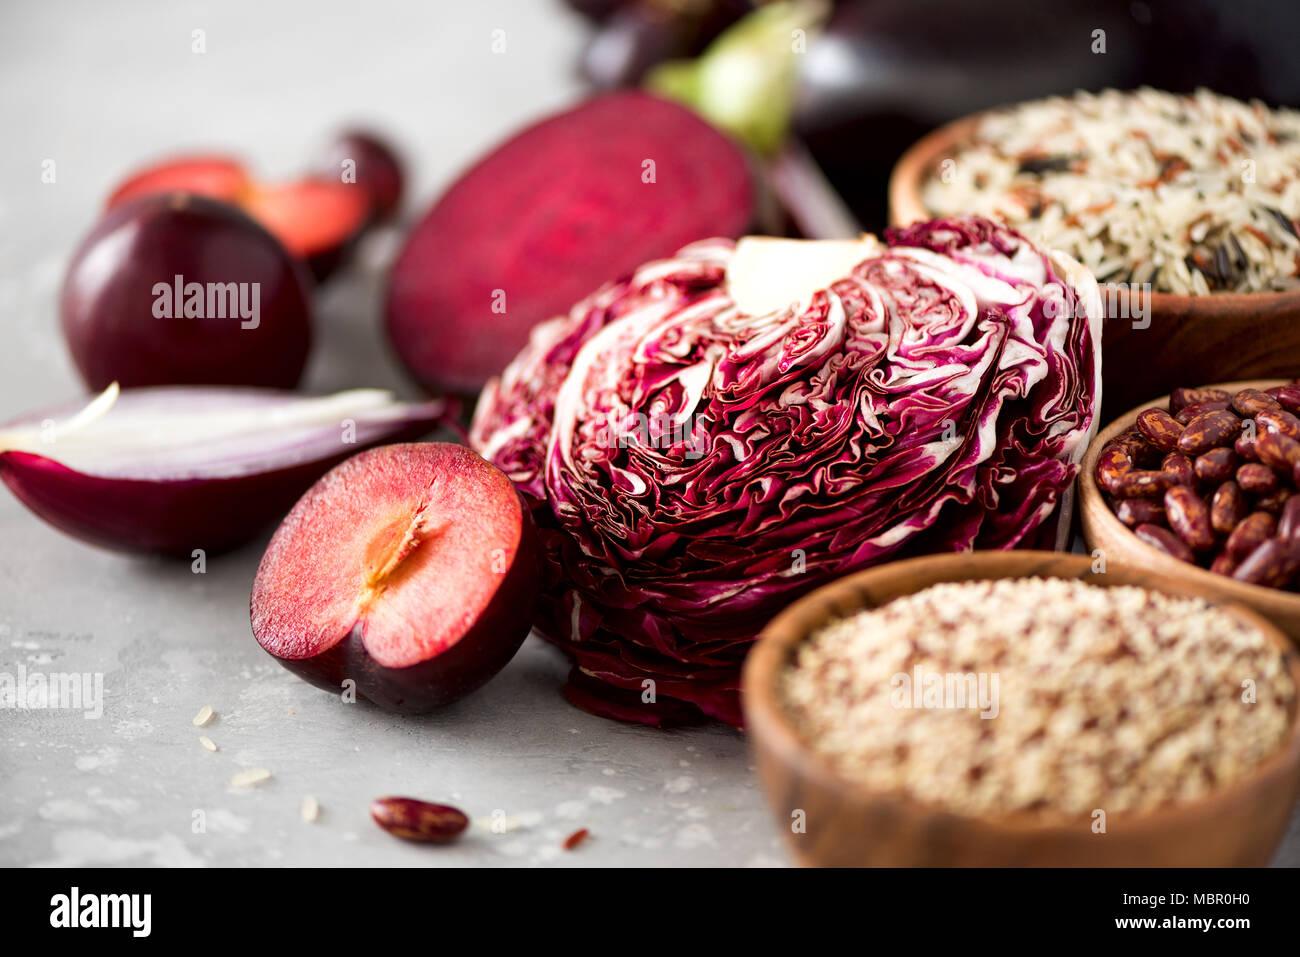 Zutaten zum Kochen, Kopieren, Ansicht von oben, flach. Lila Gemüse, Obst auf grauem Hintergrund. Violett Aubergine, Rüben, Blumenkohl, lila Bohnen, Zwetschgen, Zwiebel, Traube, Quinoa, Reis. Stockbild